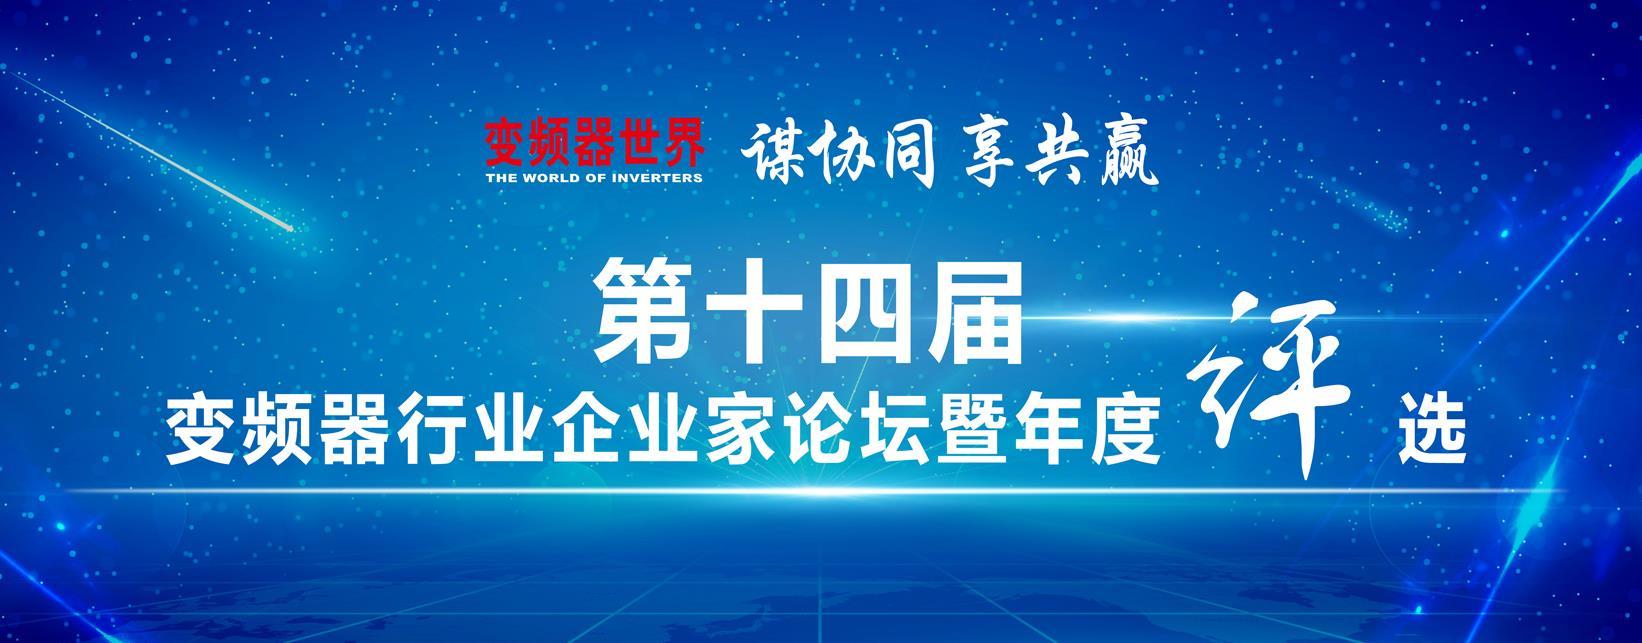 年度盛会 第十四届变频器行业企业家论坛暨年度评选